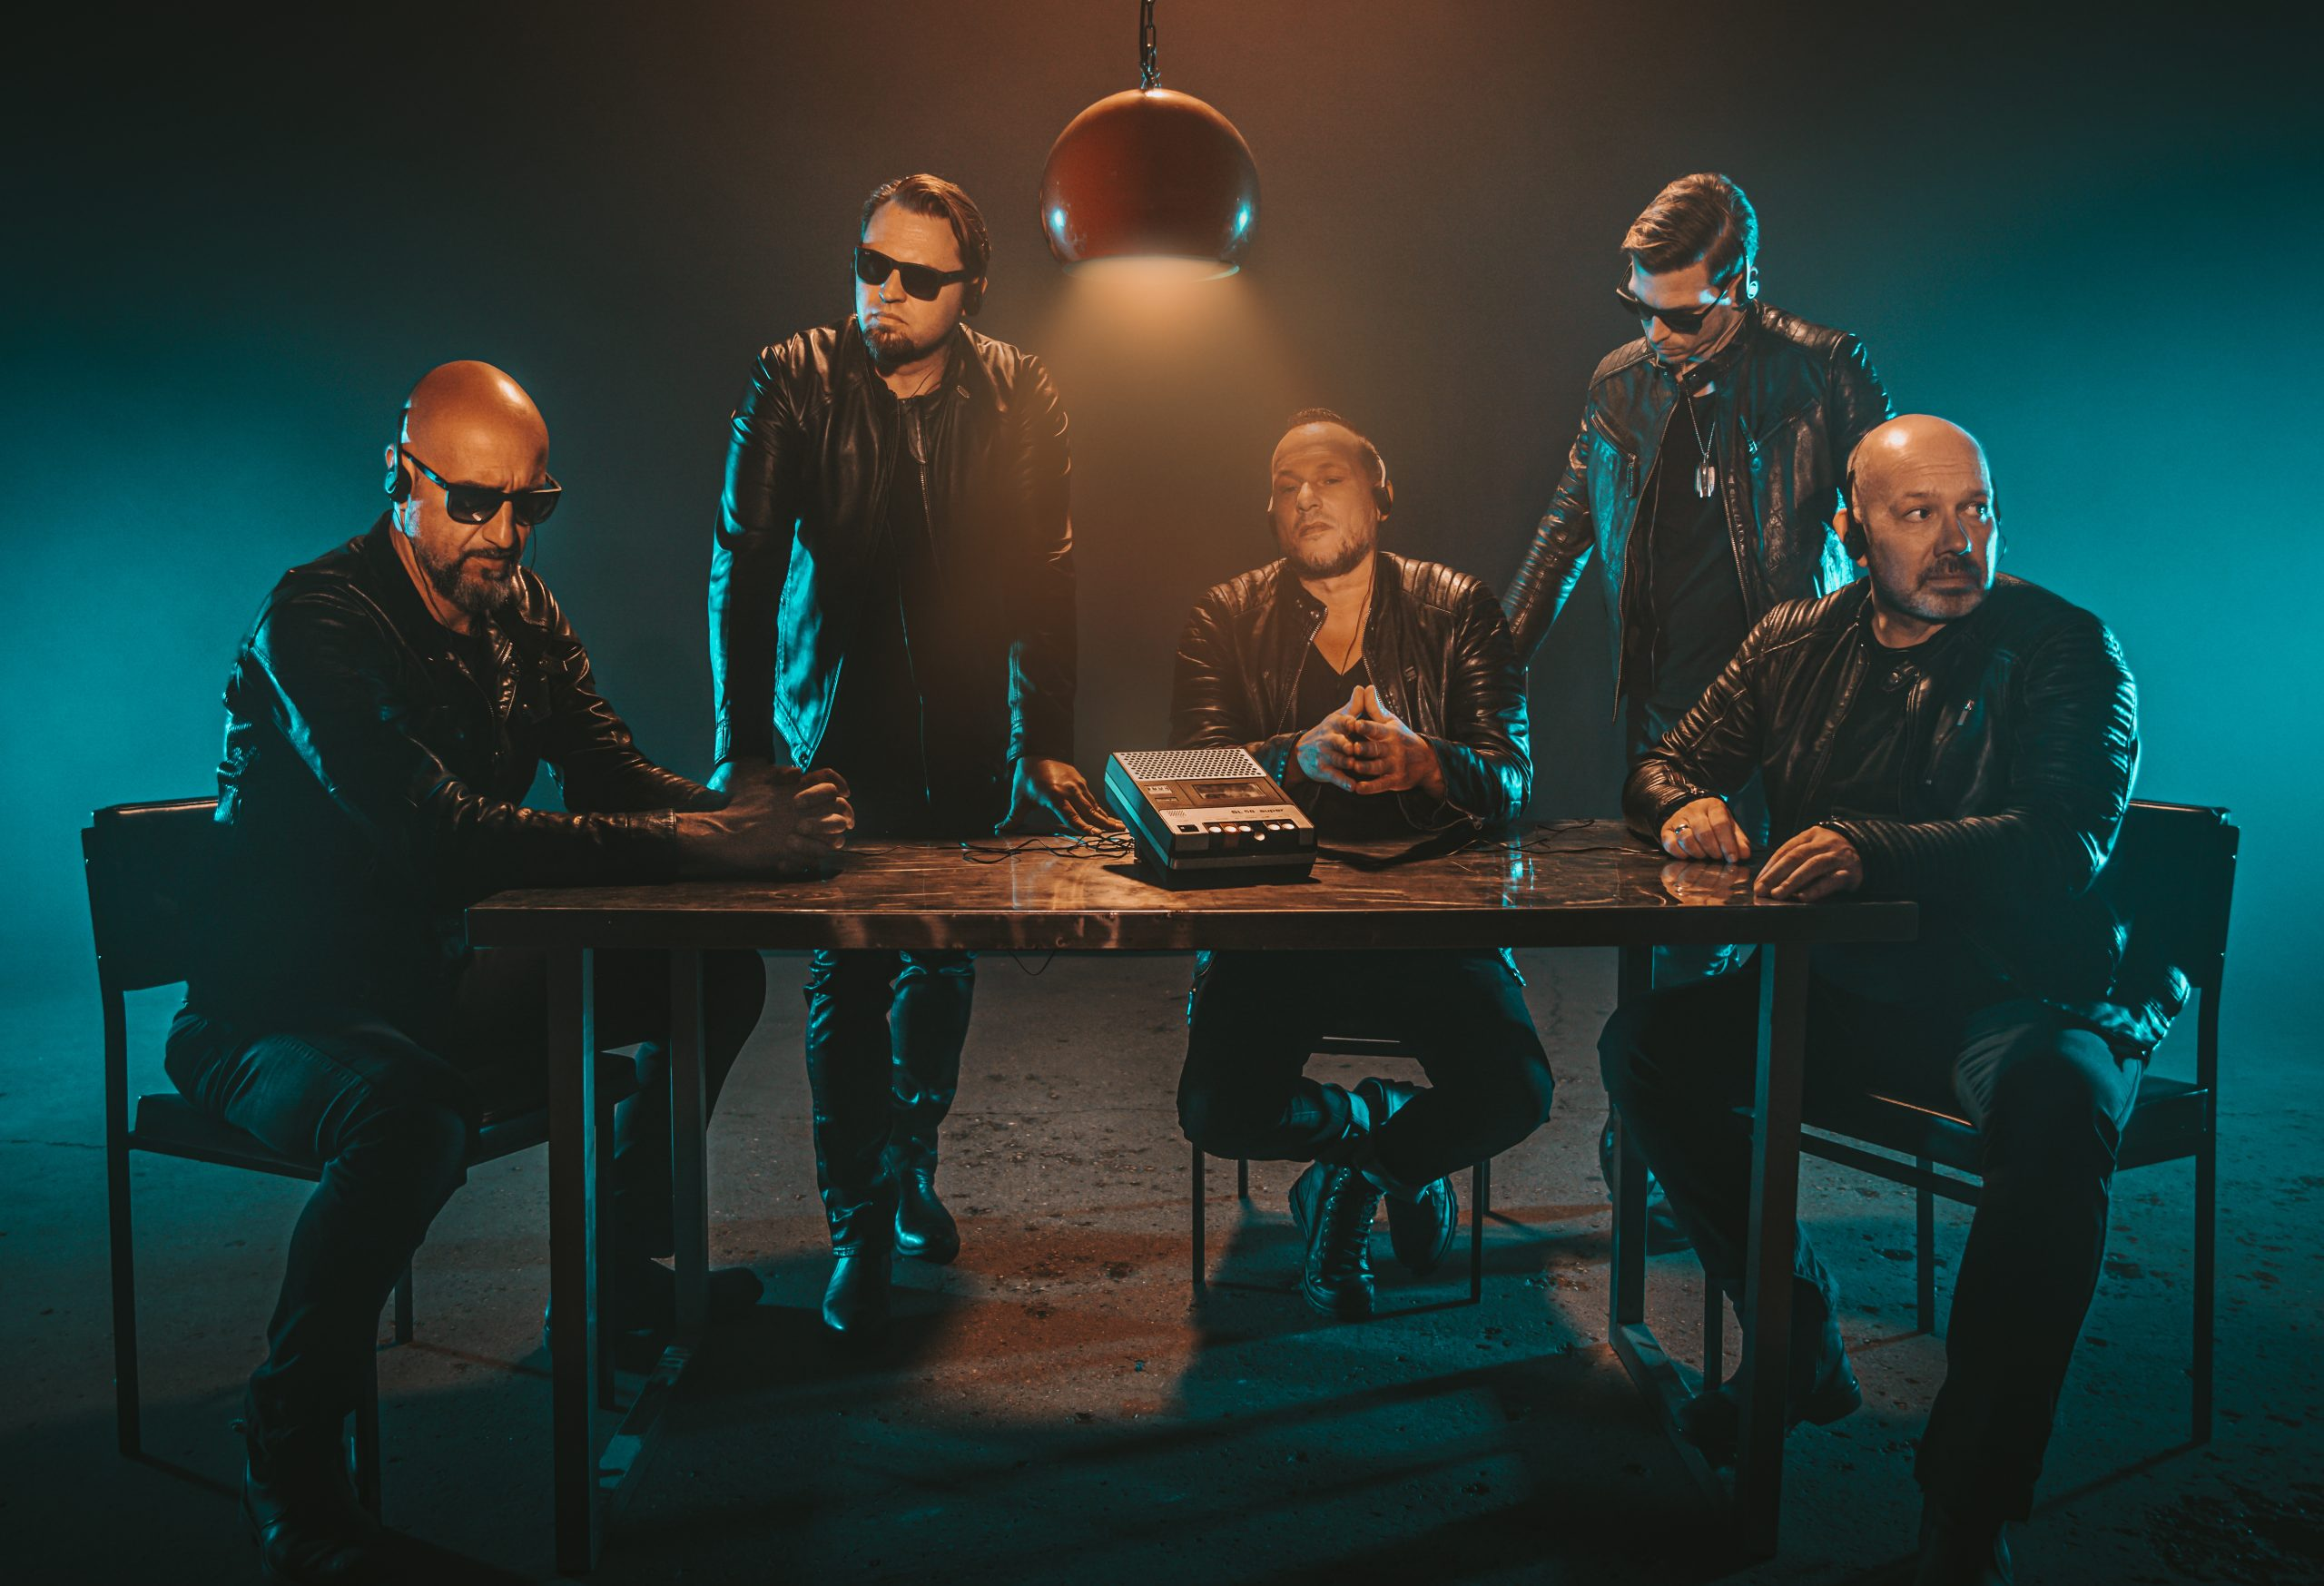 doppelschlag-bei-eisbrecher-neues-album-schicksalsmelodien-erscheint-am-23-10-20-das-8-studioalbum-folgt-im-maerz-21